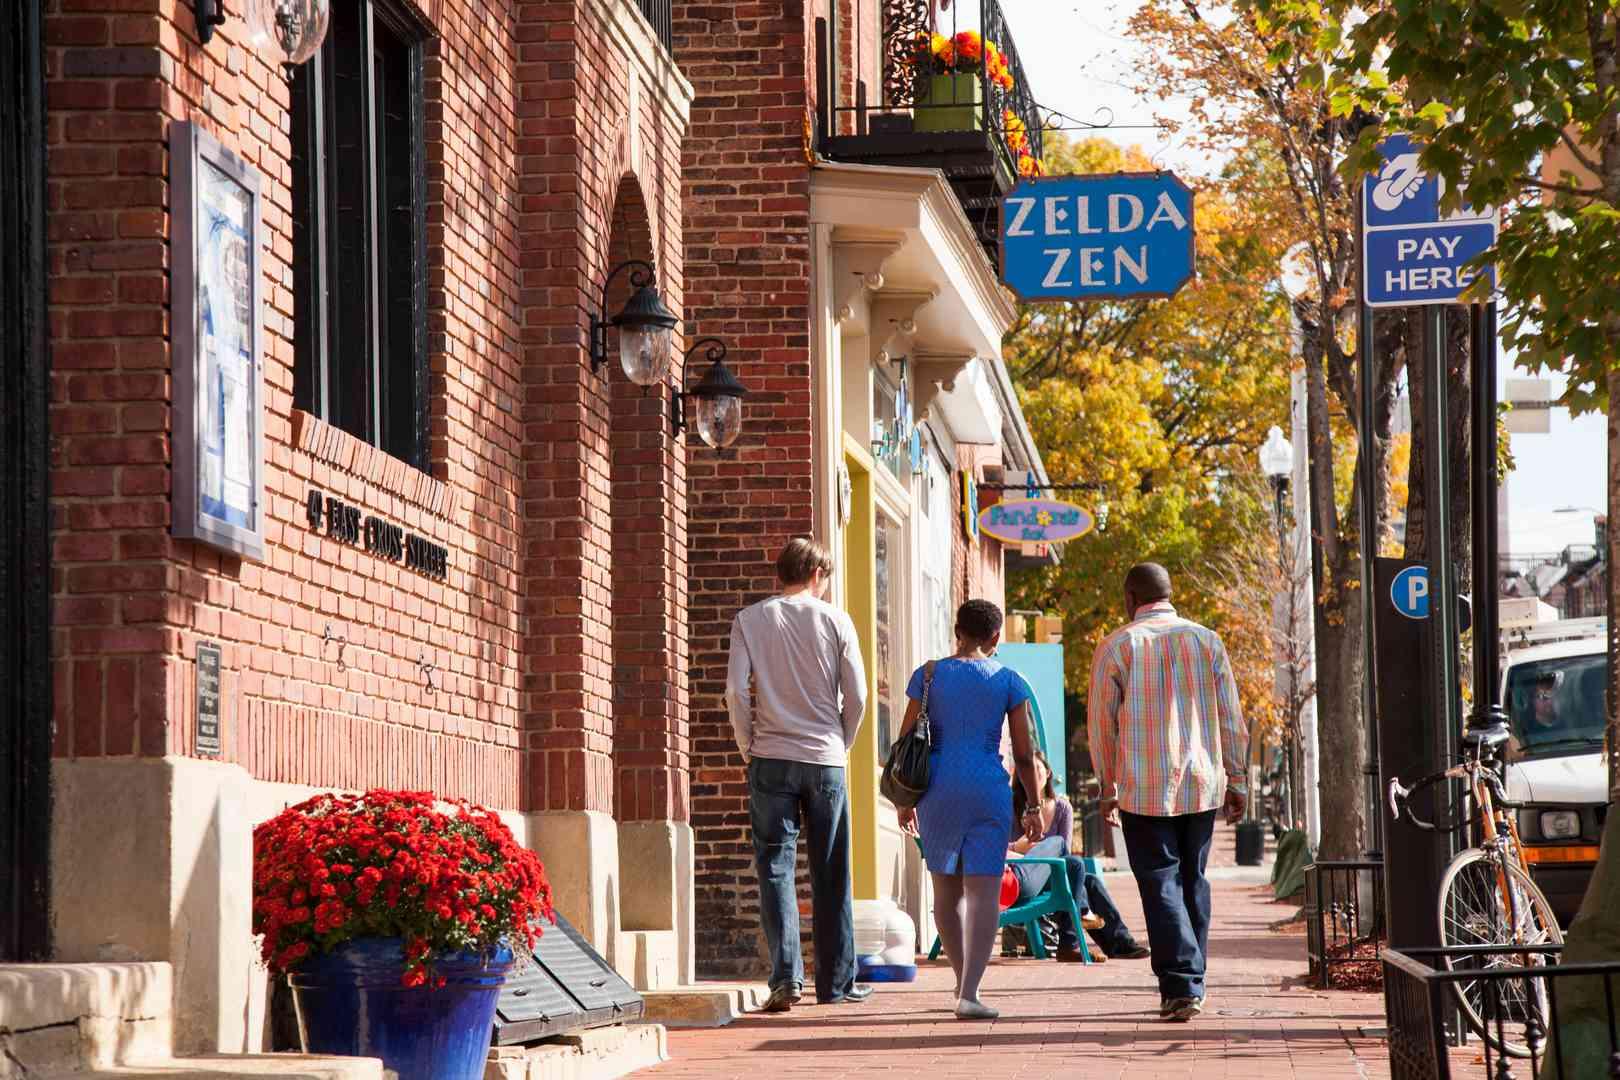 Un hombre negro, una mujer negra y un hombre blanco caminando por una calle con edificios de ladrillo rojo en Baltimore